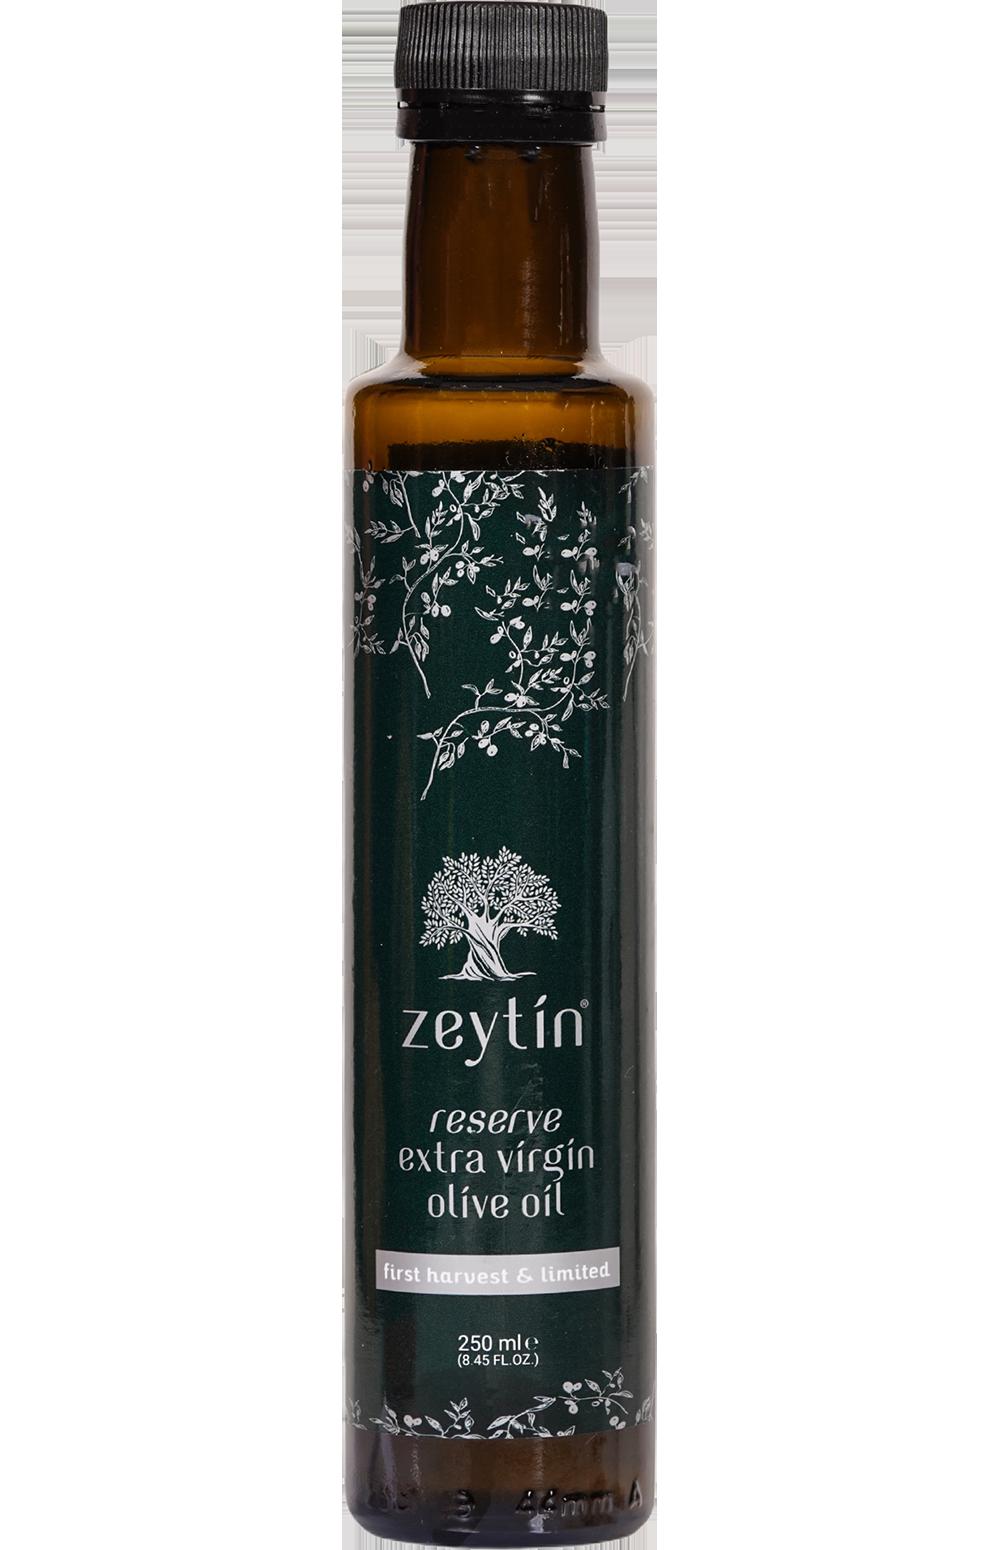 Zeytin Reserve